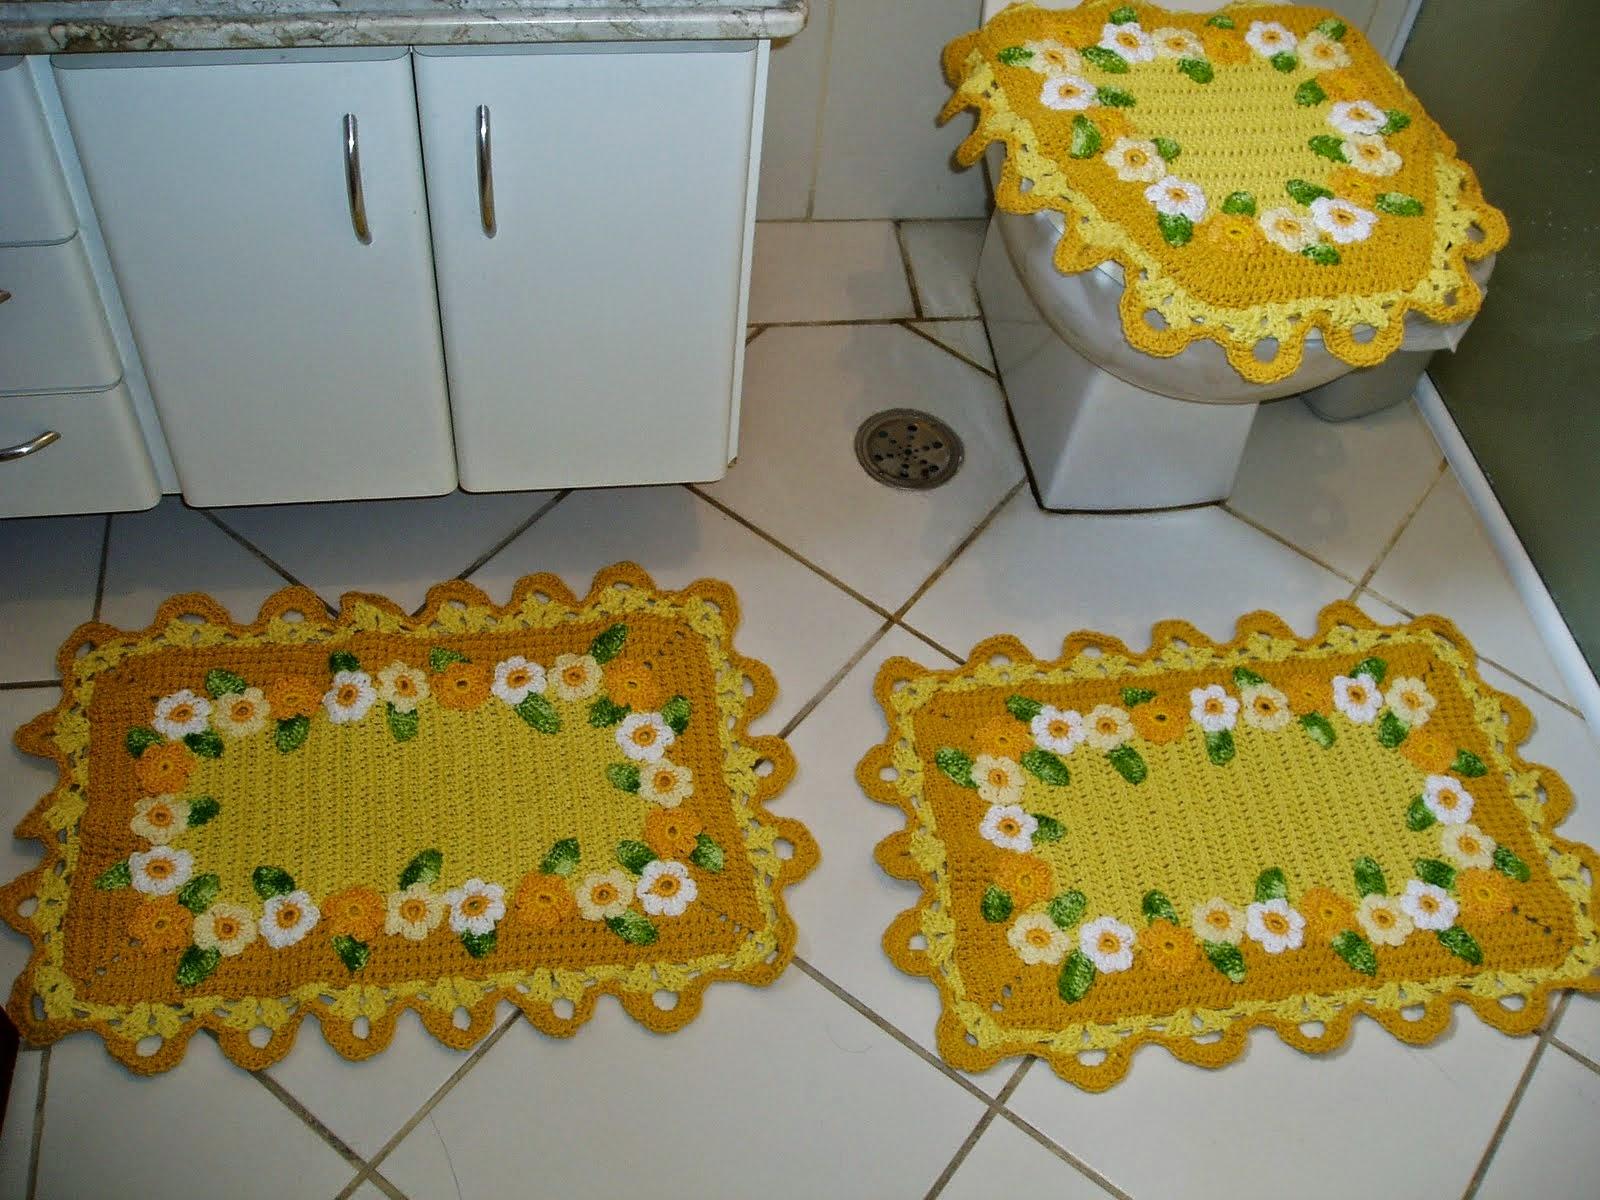 Jogos de Banheiro de Crochê Feitos com Barbante Toda Atual #71470B 1600 1200